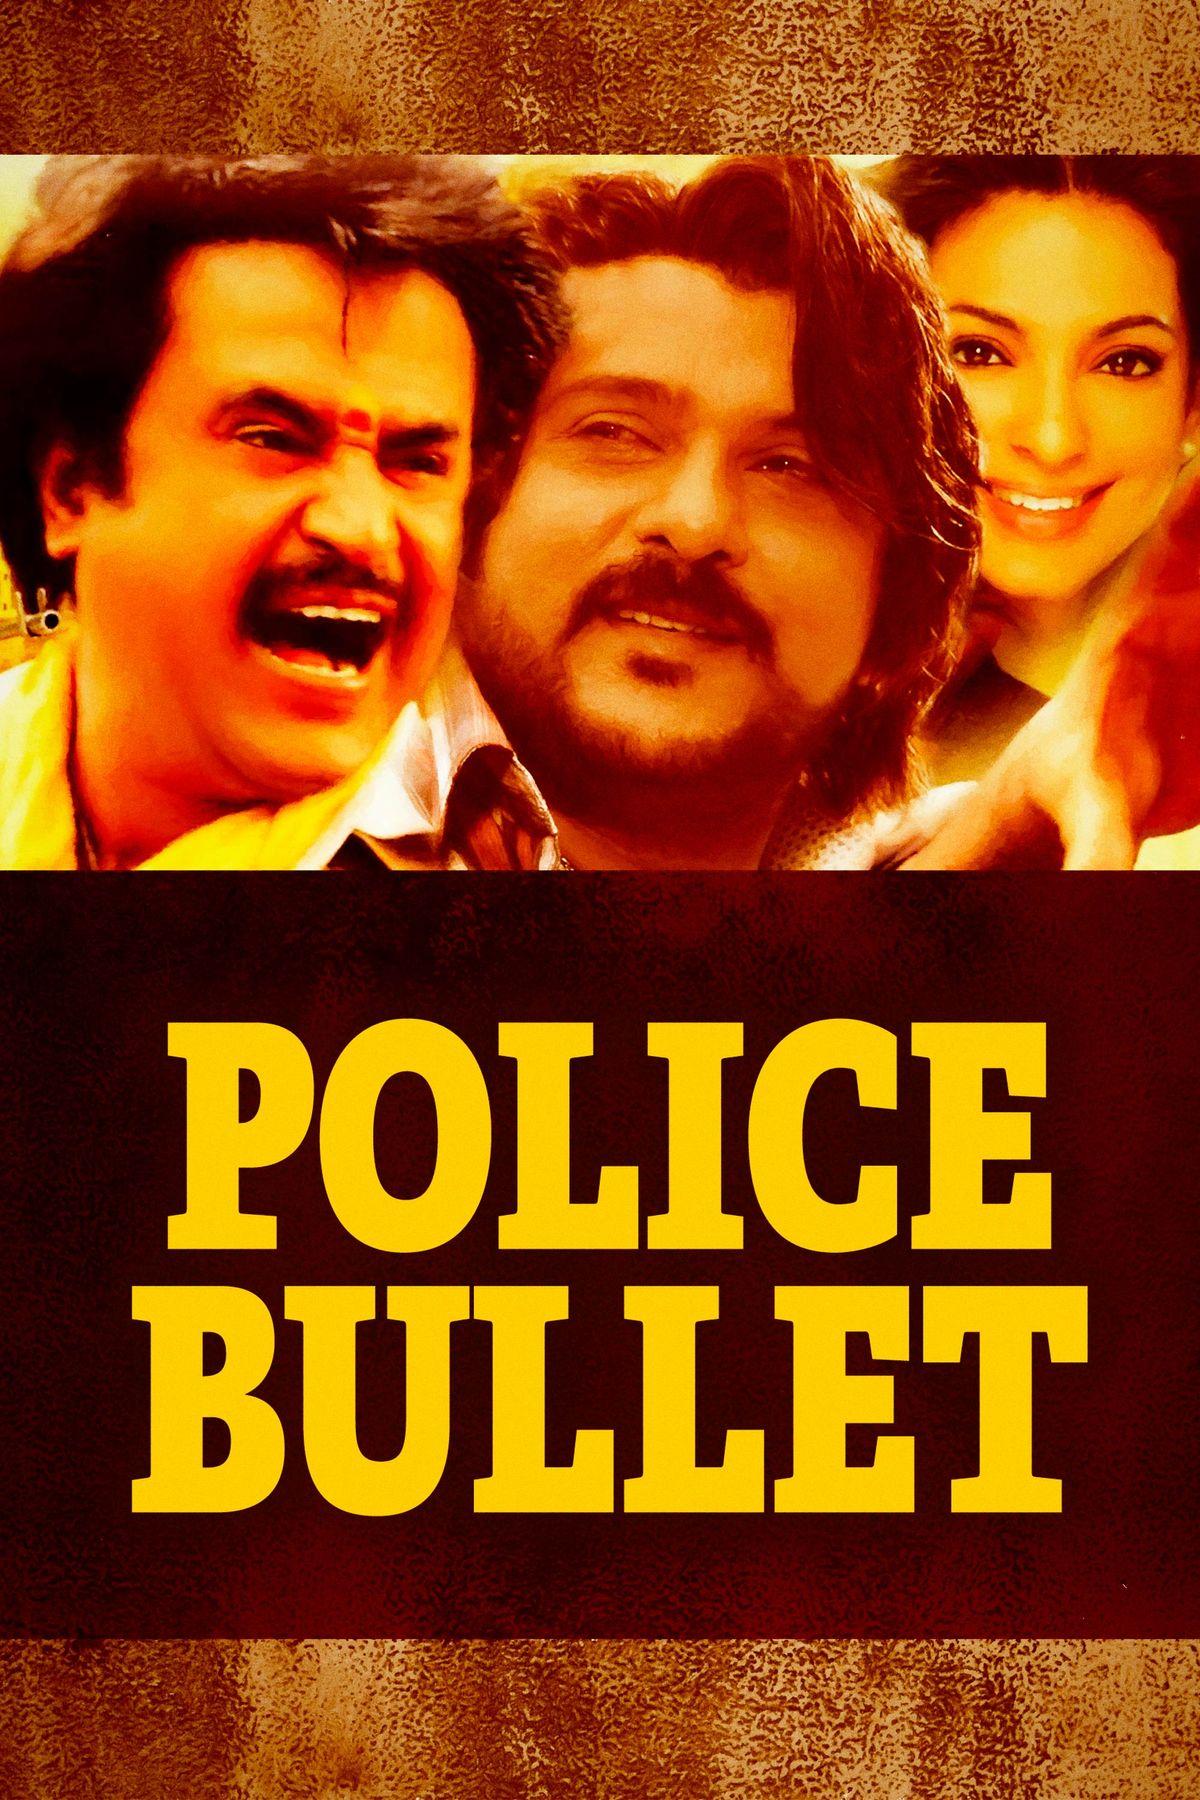 Police Bullet